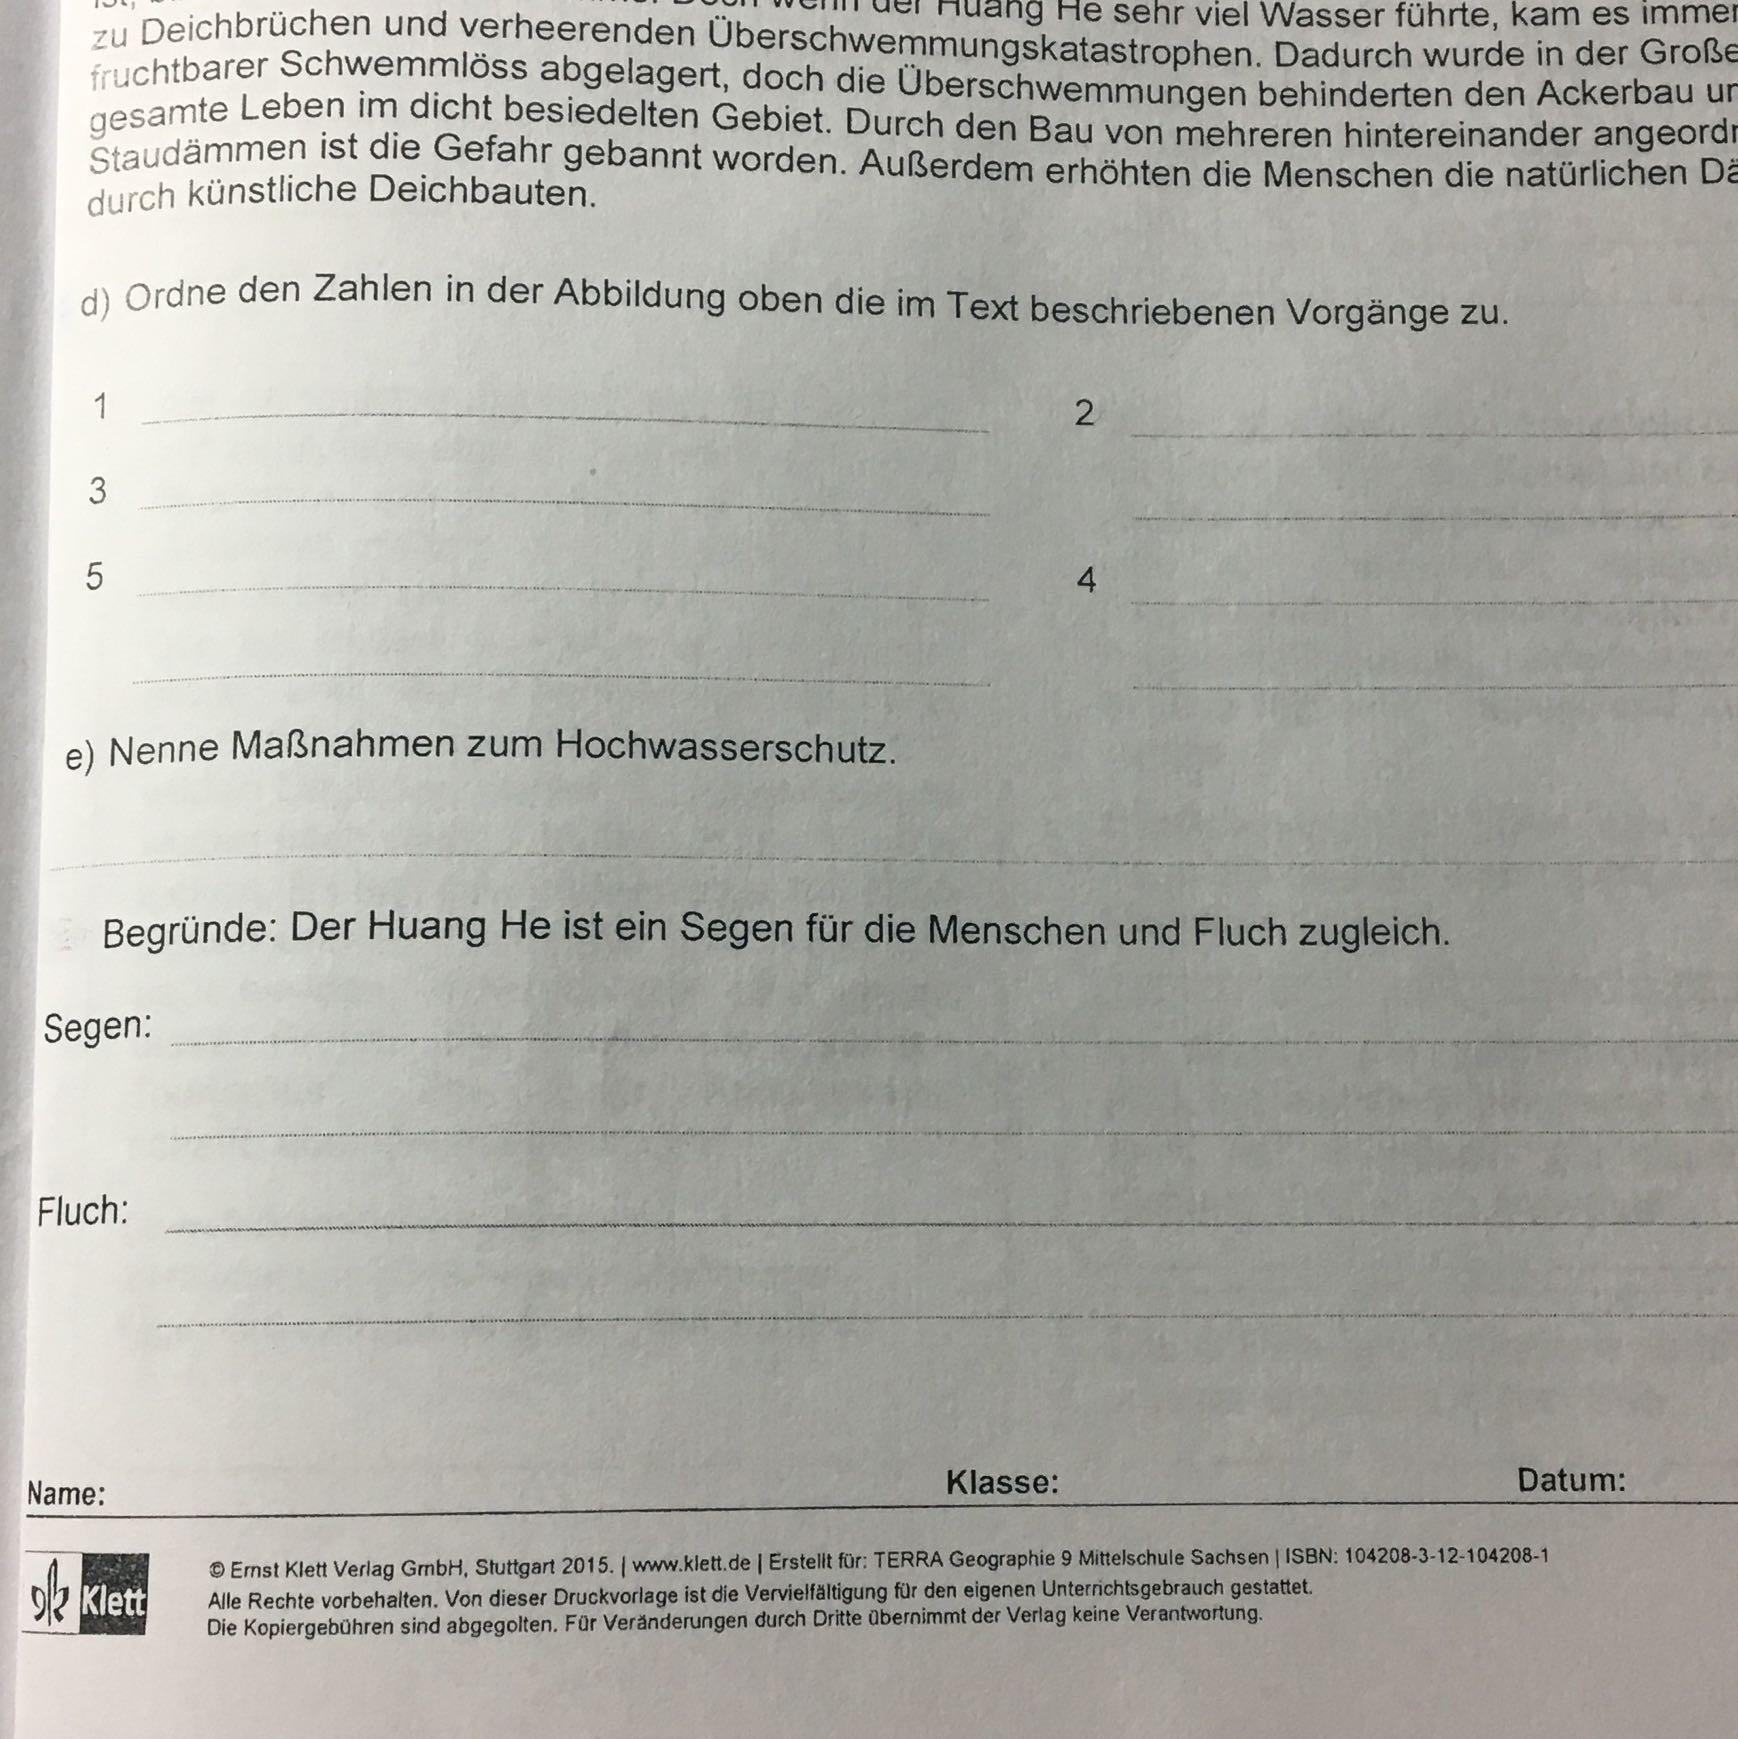 Frage zum Geografie Arbeitsblatt? (Schule)